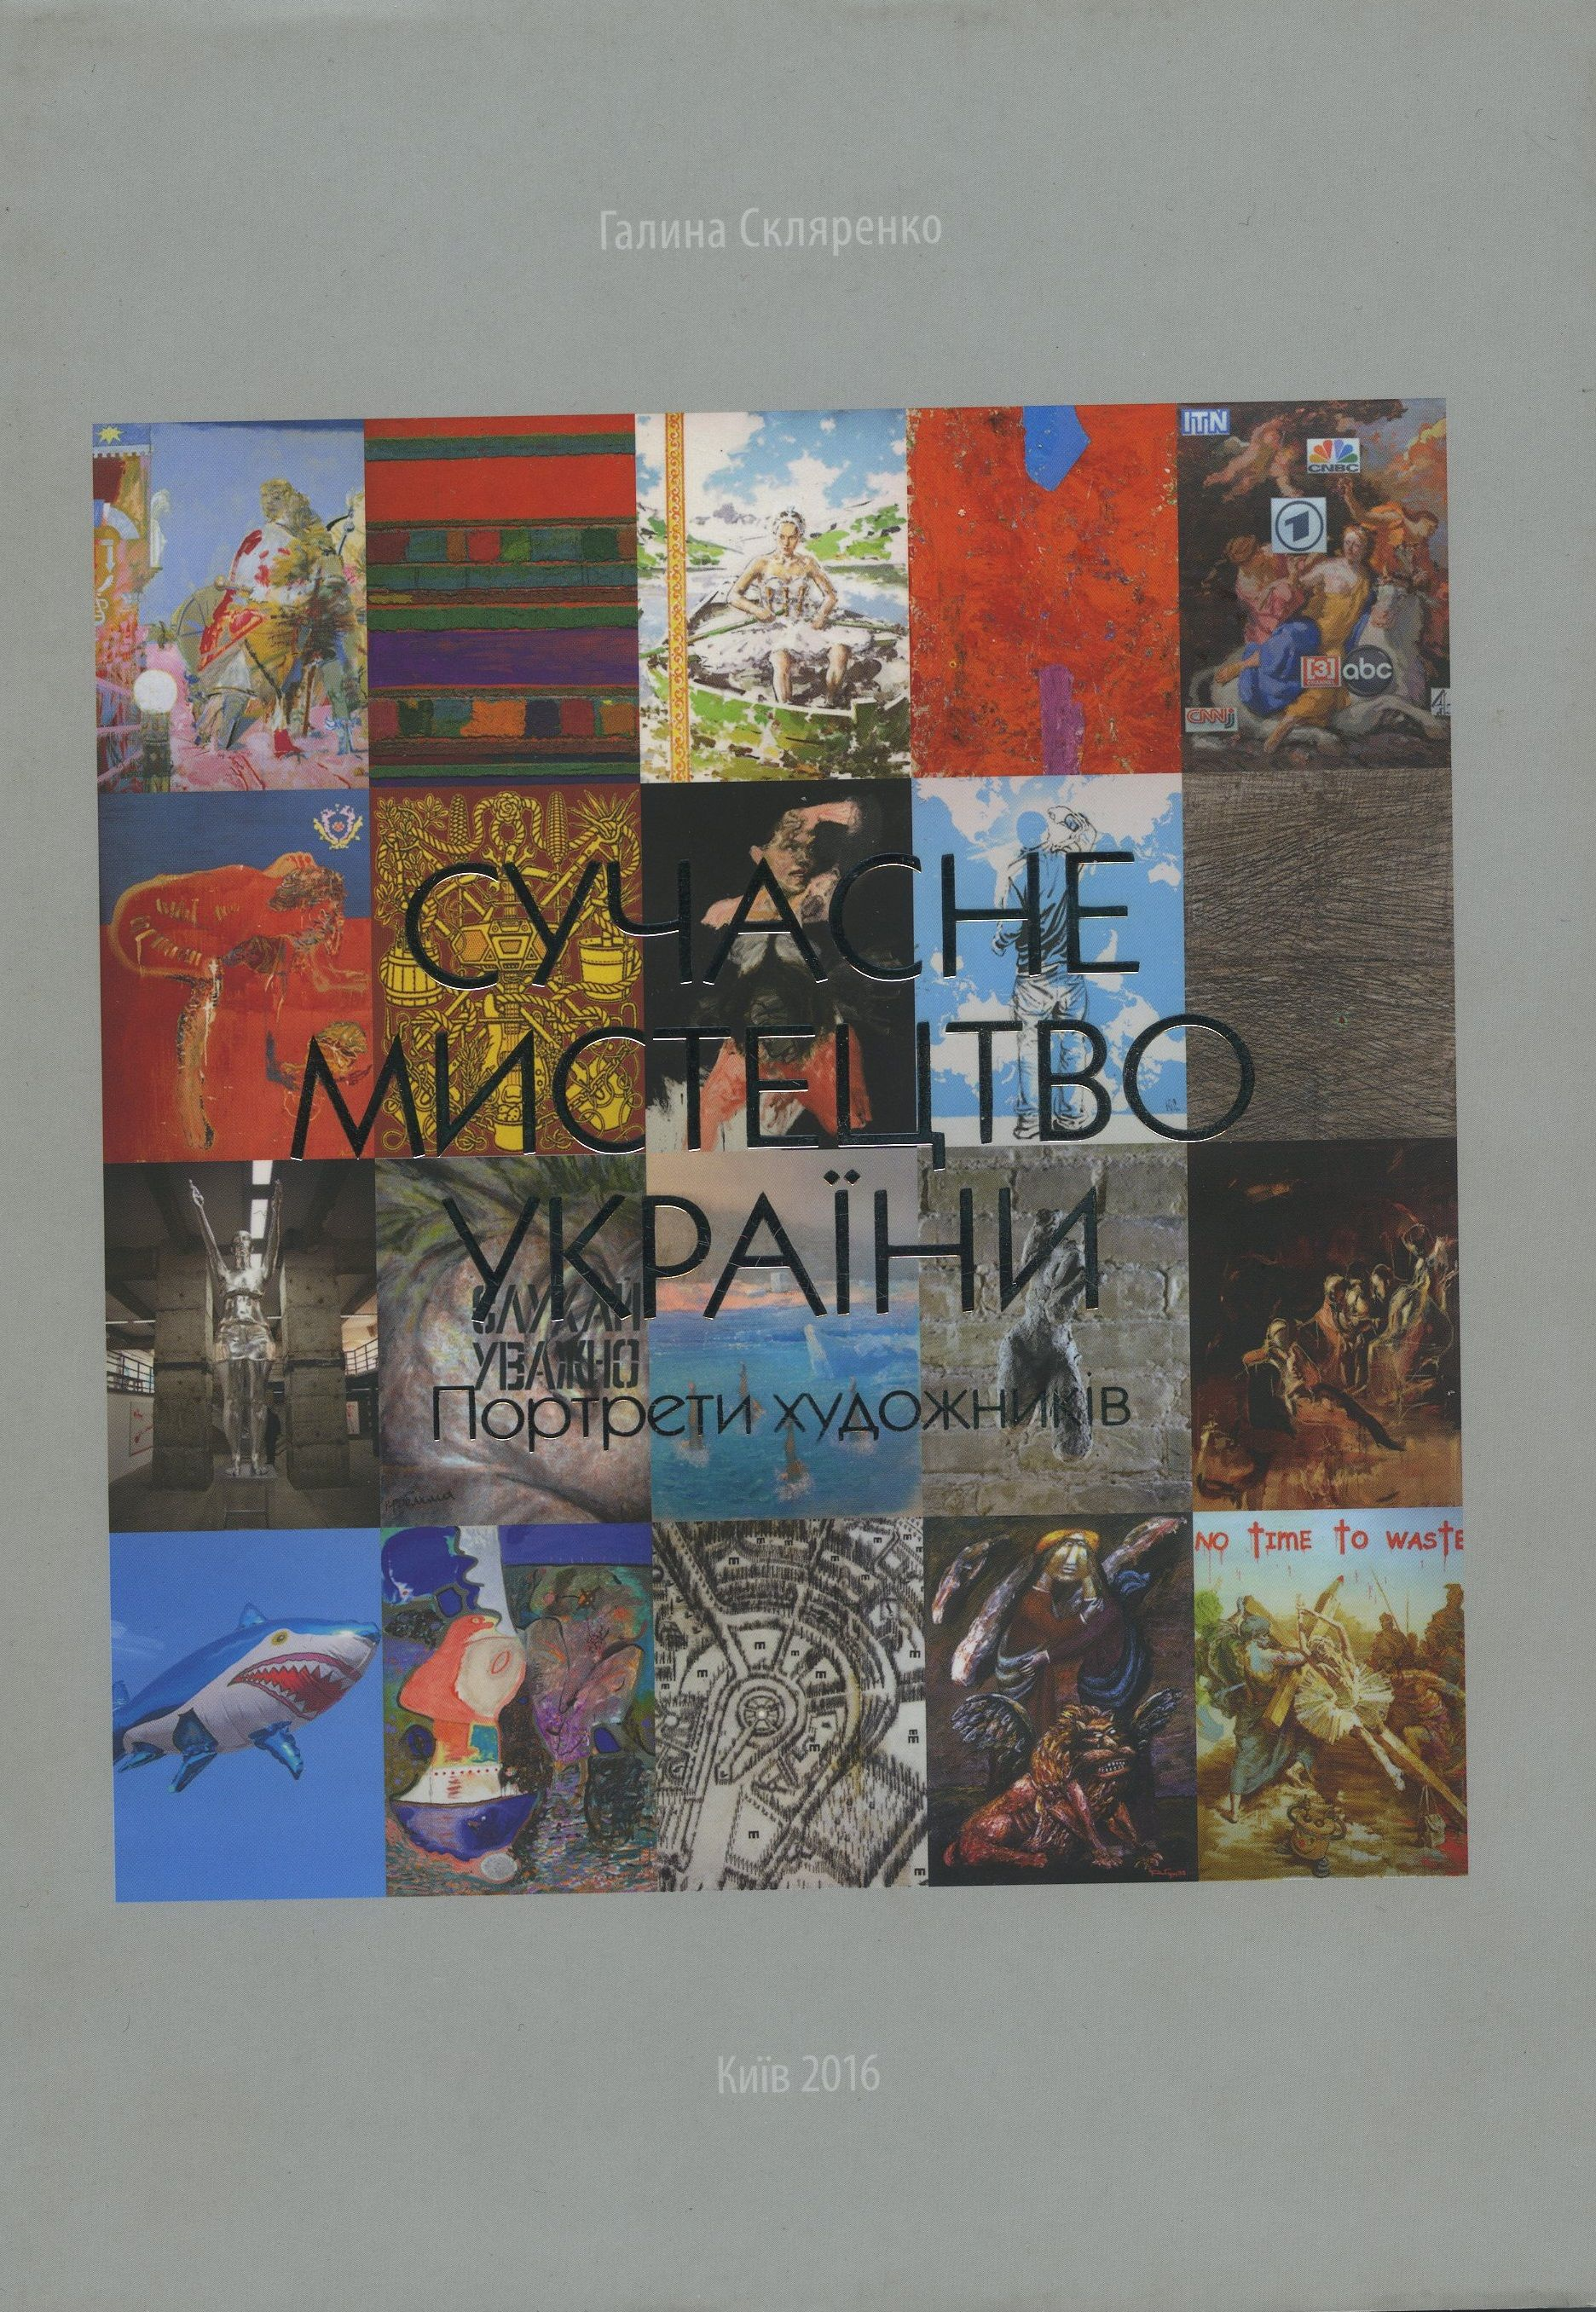 Сучасне мистецтво України. Портрети художників.